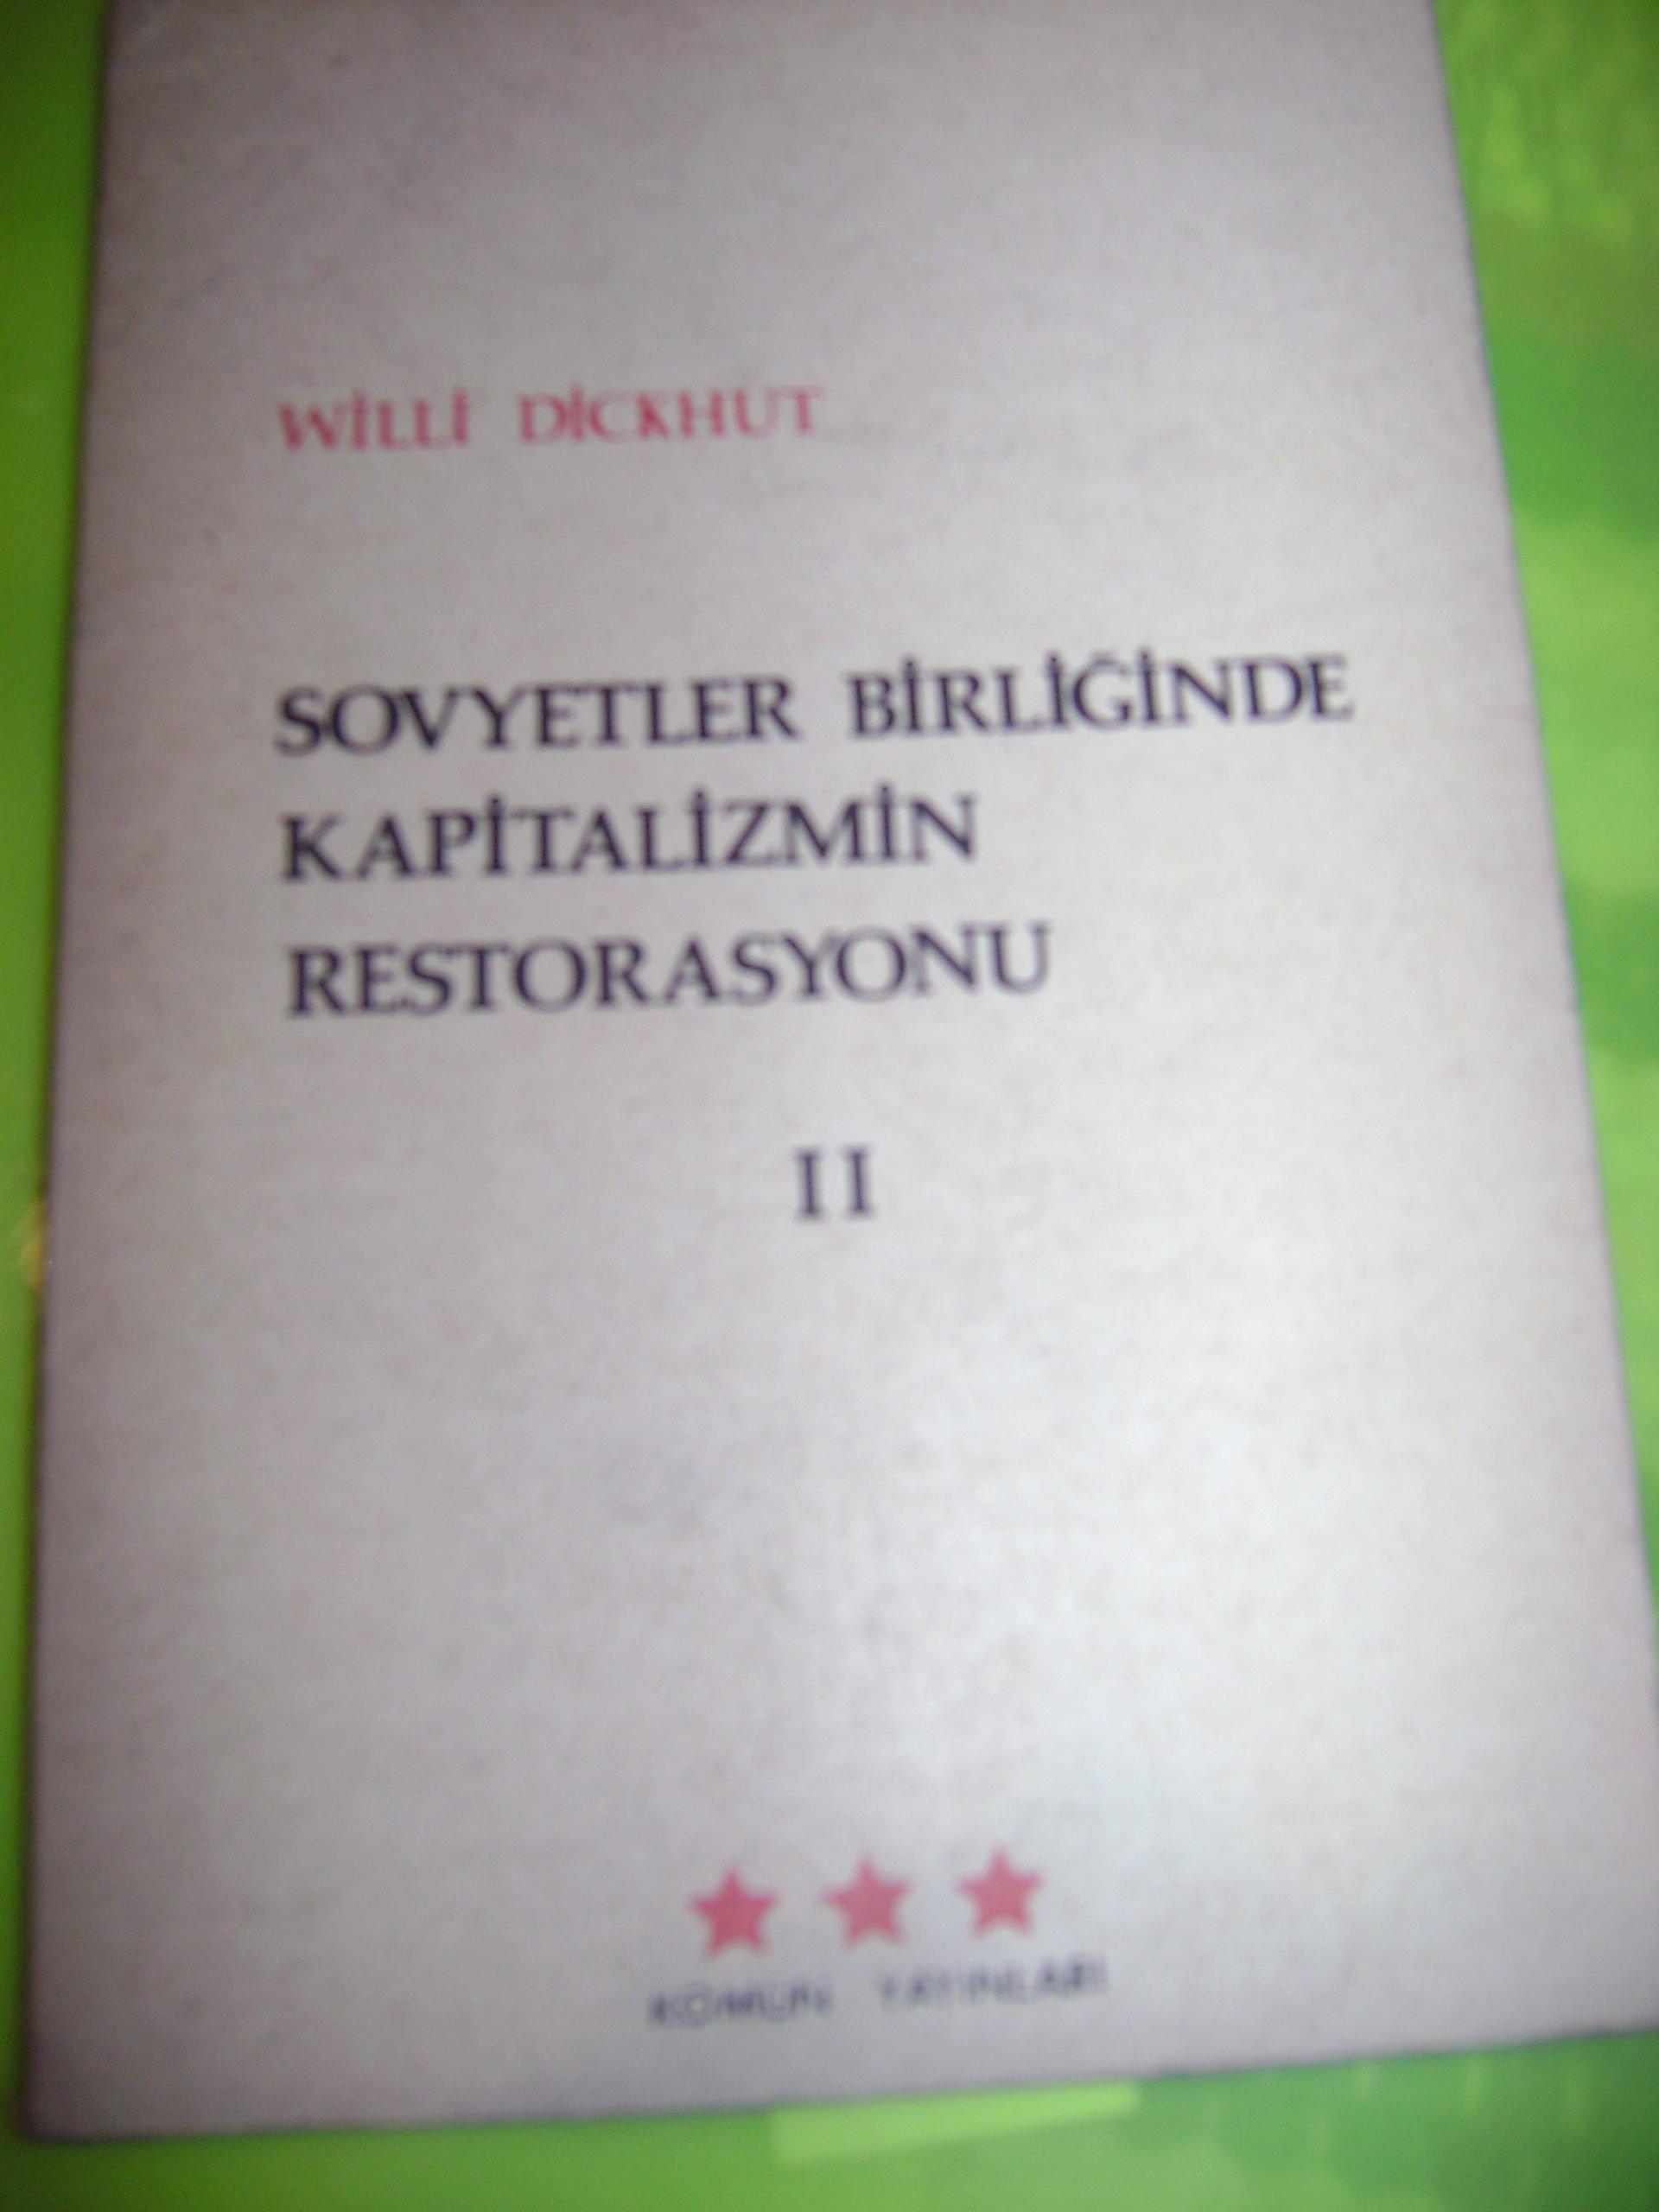 SOVYETLER BİRLİĞİNDE KAPITALİZMİN RESTORASYONU II/Willi Dickhut/15 tl